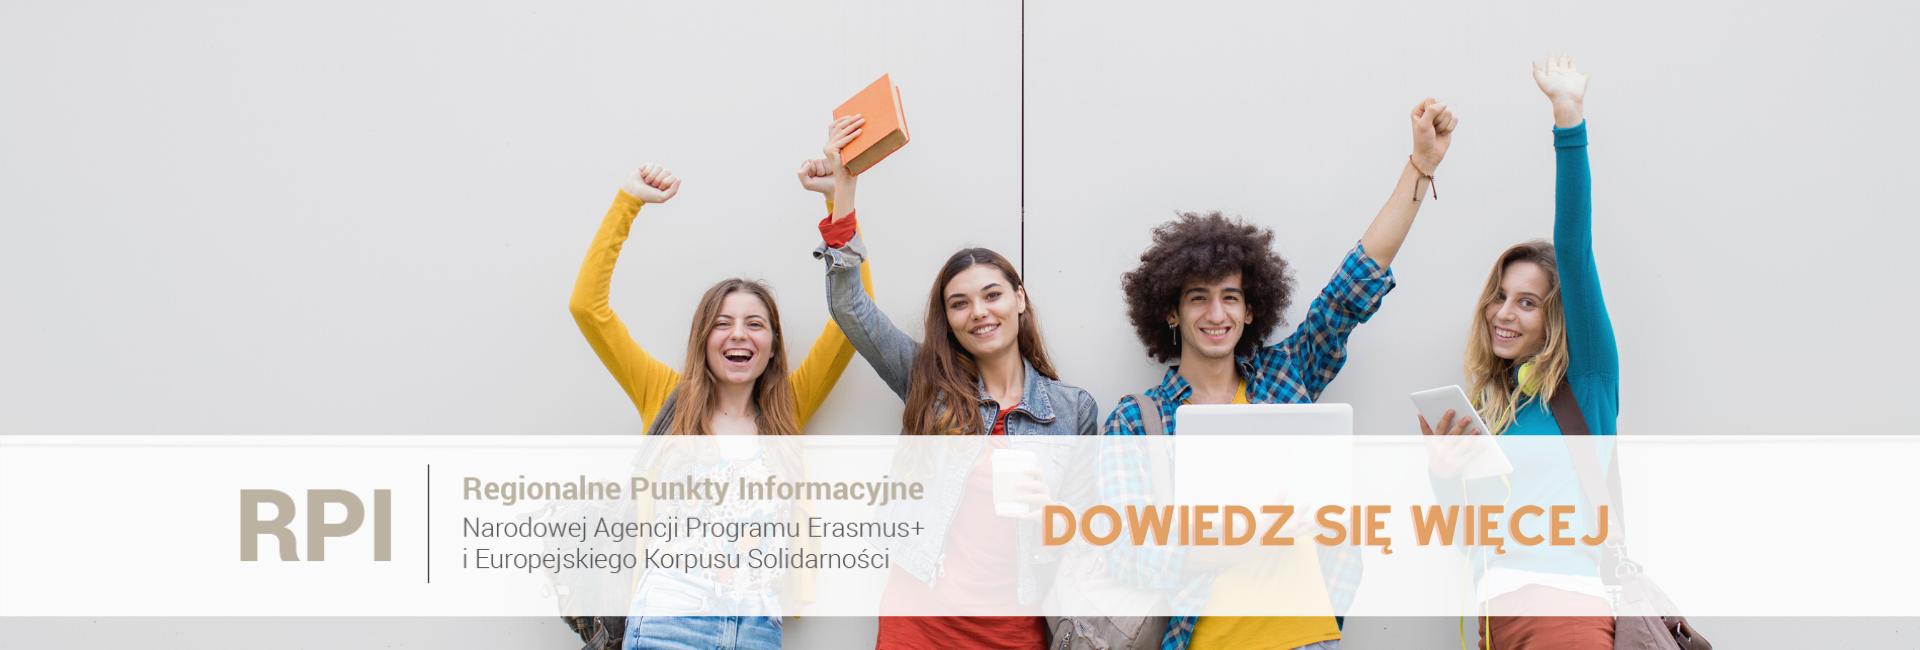 Regionalne Punkty Informacyjne NArodowej Agencji Programu Erasmus+ i Europejskiego Korpusu Solidarności - Dowiedz się więcej